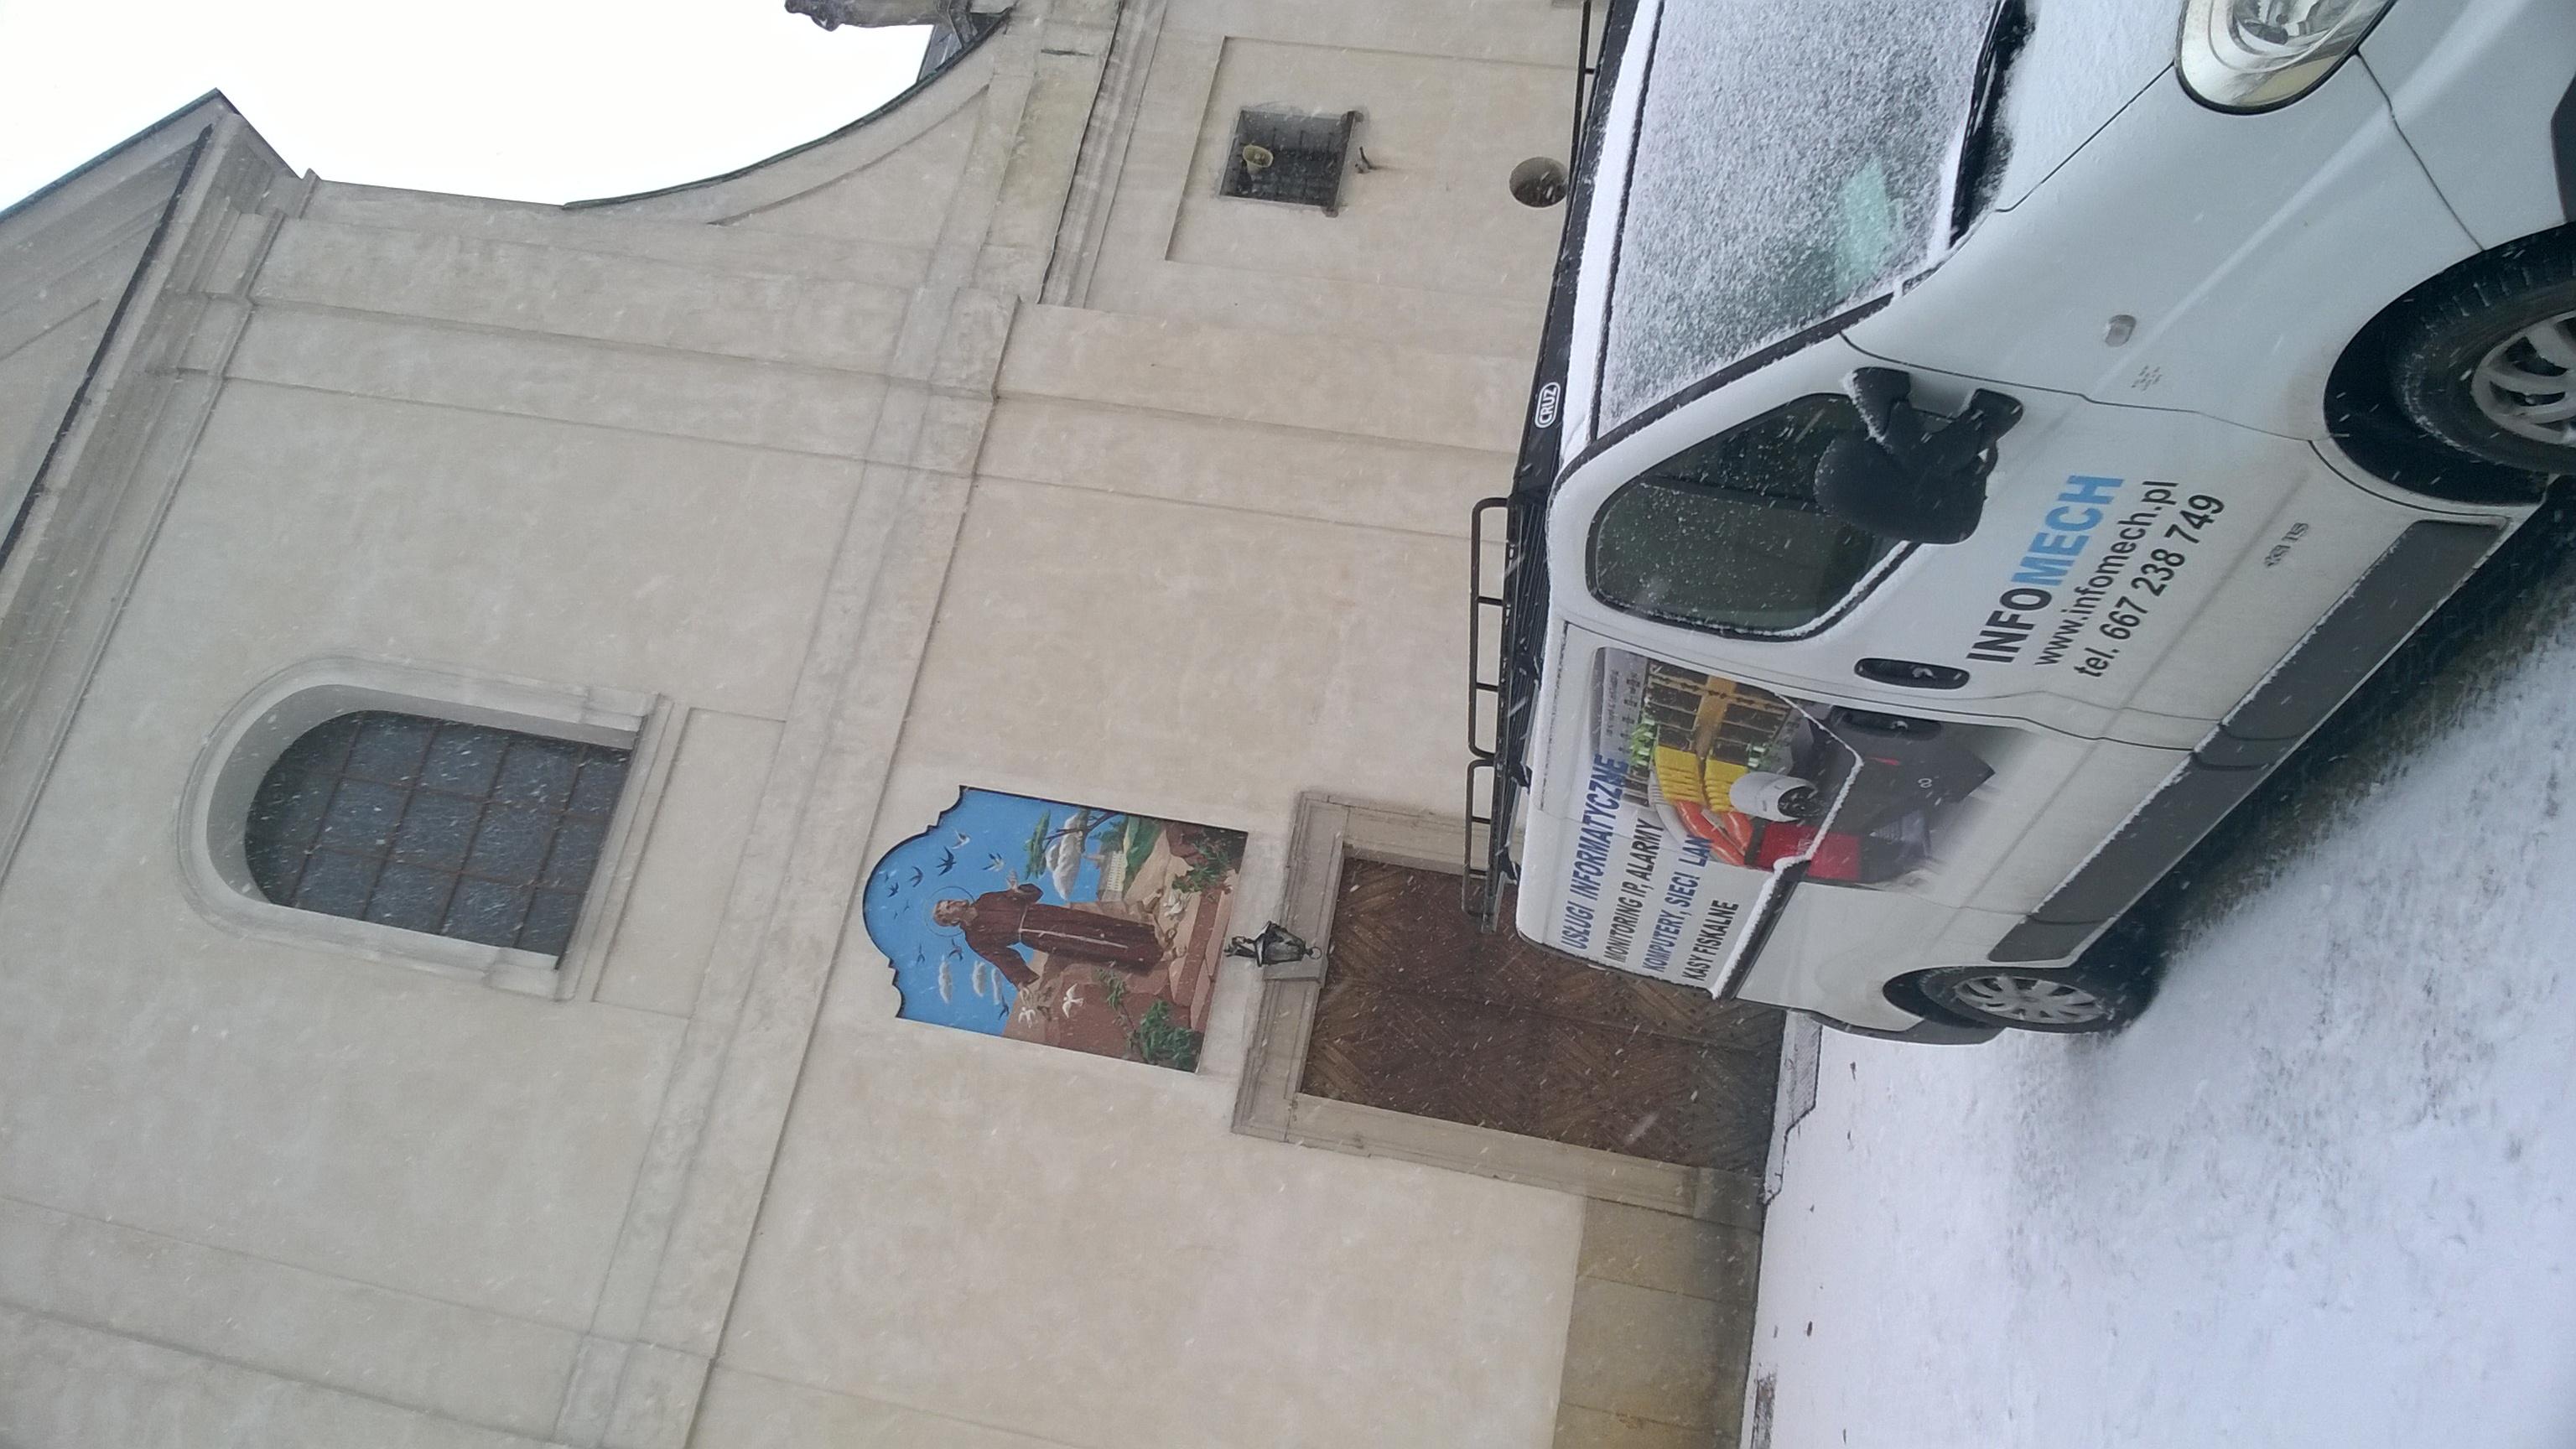 Wykonaliśmy monitoring kościoła i klasztoru Braci Kapucynów w Stalowej Woli - Monitoring wizyjny budynków sakralnych